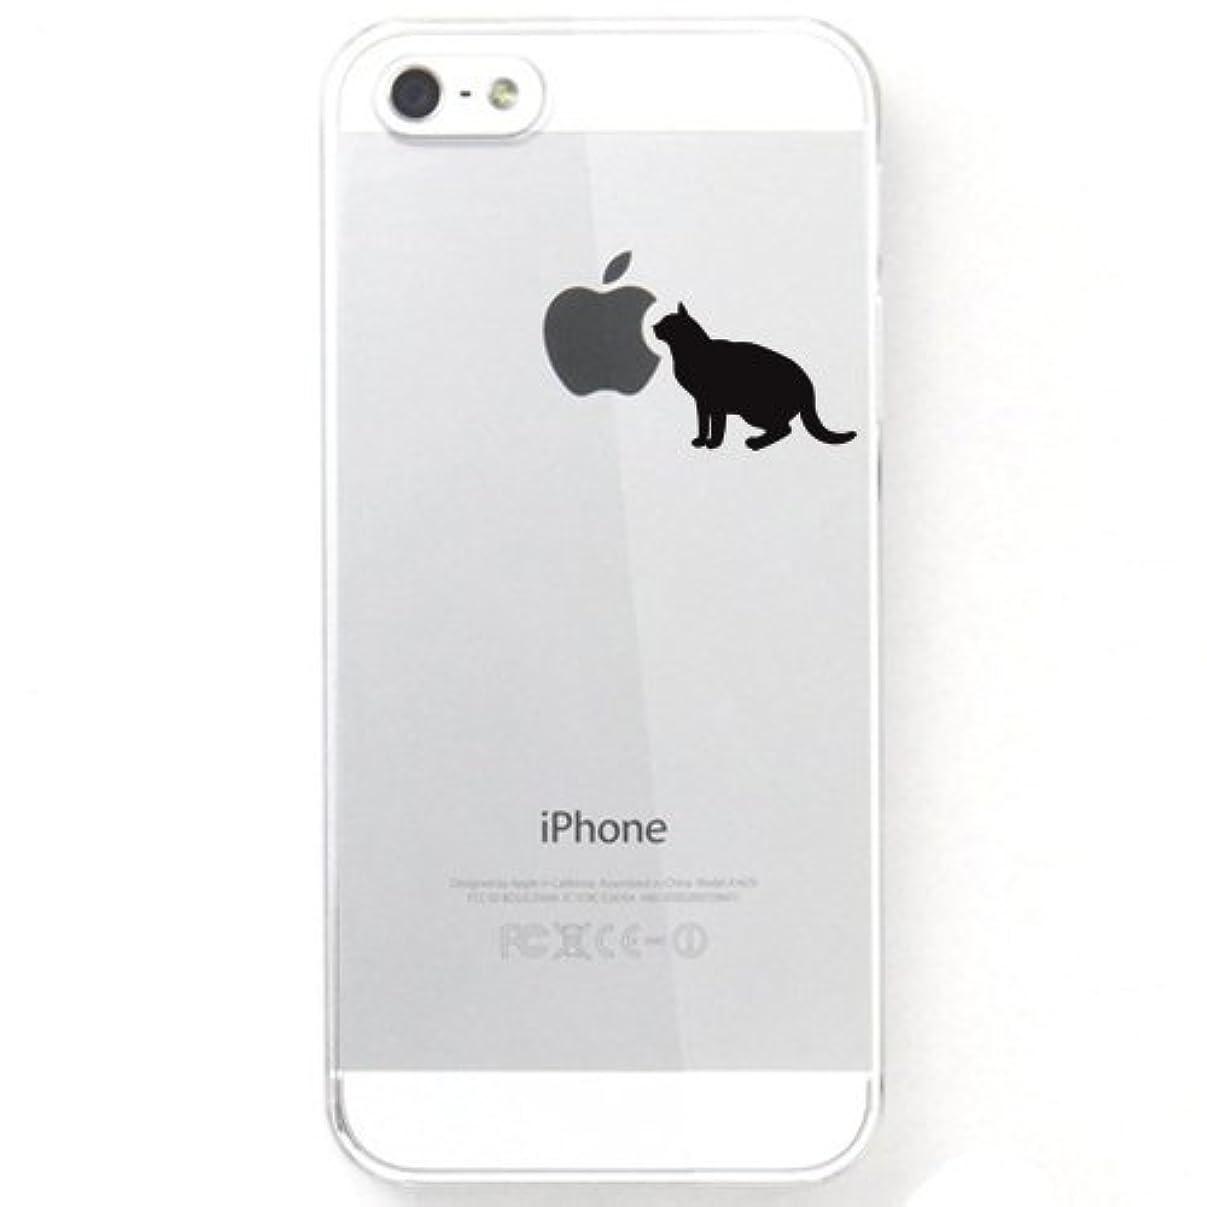 郵便物メディカル大人otas iPhone5S iPhone5用ハードケース/カバー クリア ねこ 888-28058